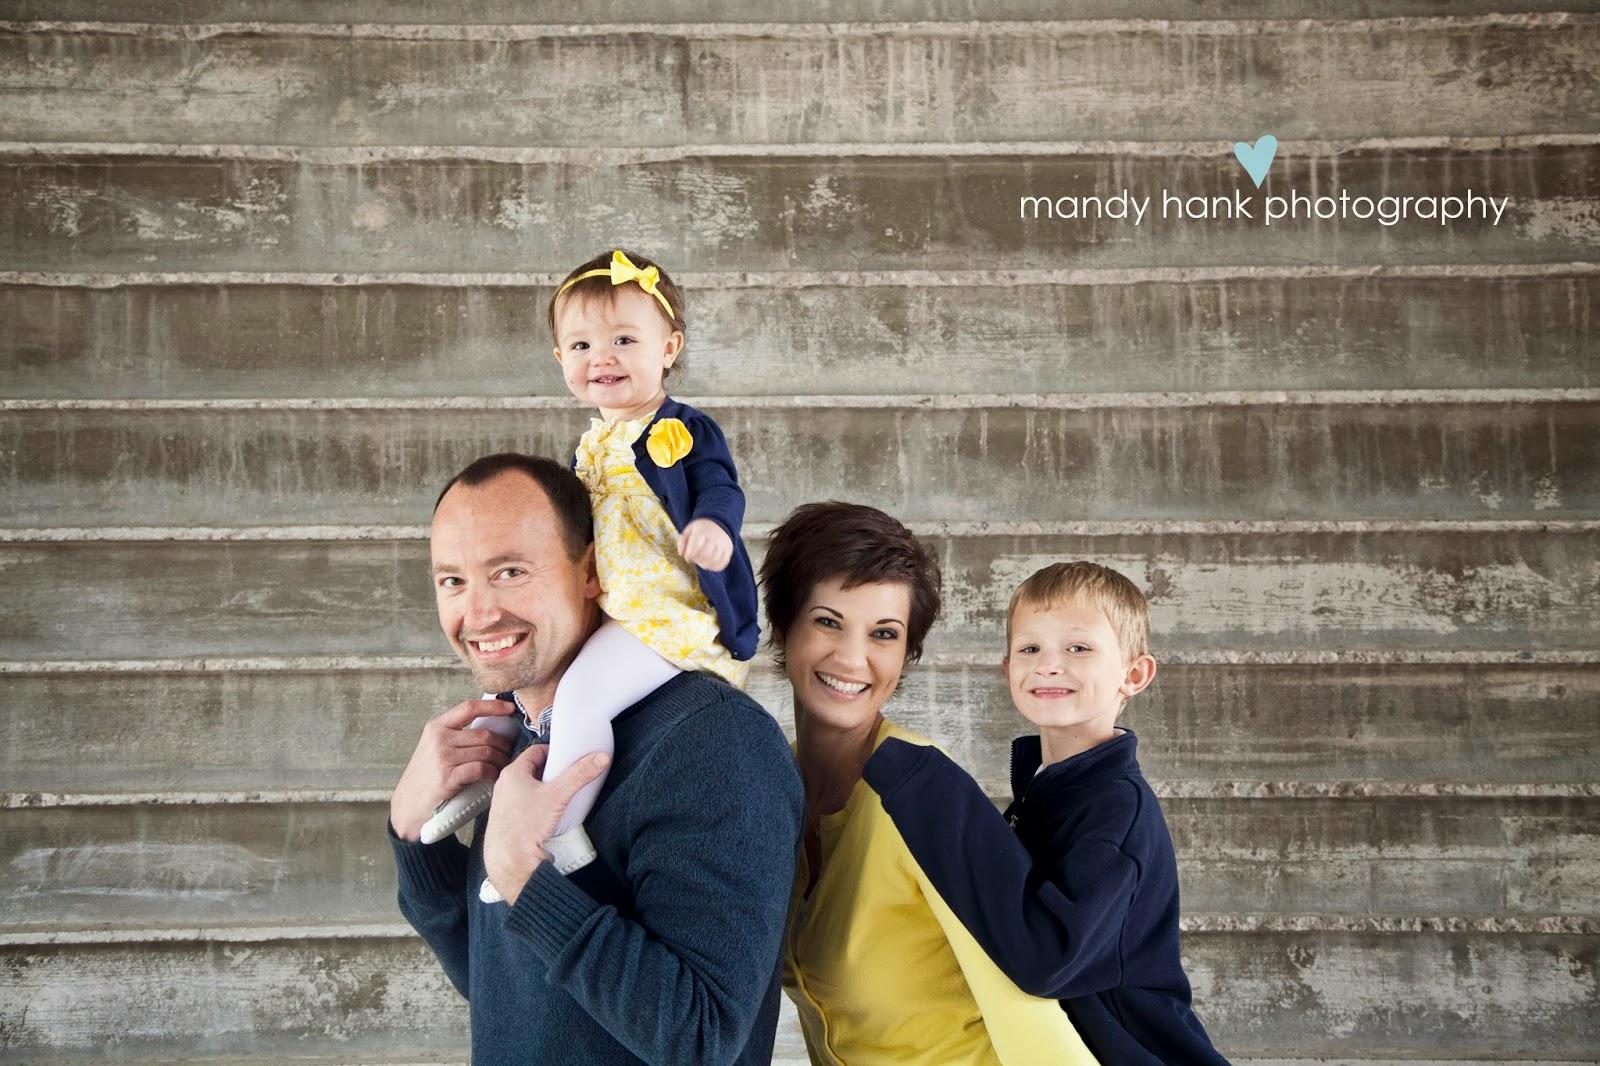 Идеи съемки семейного фото